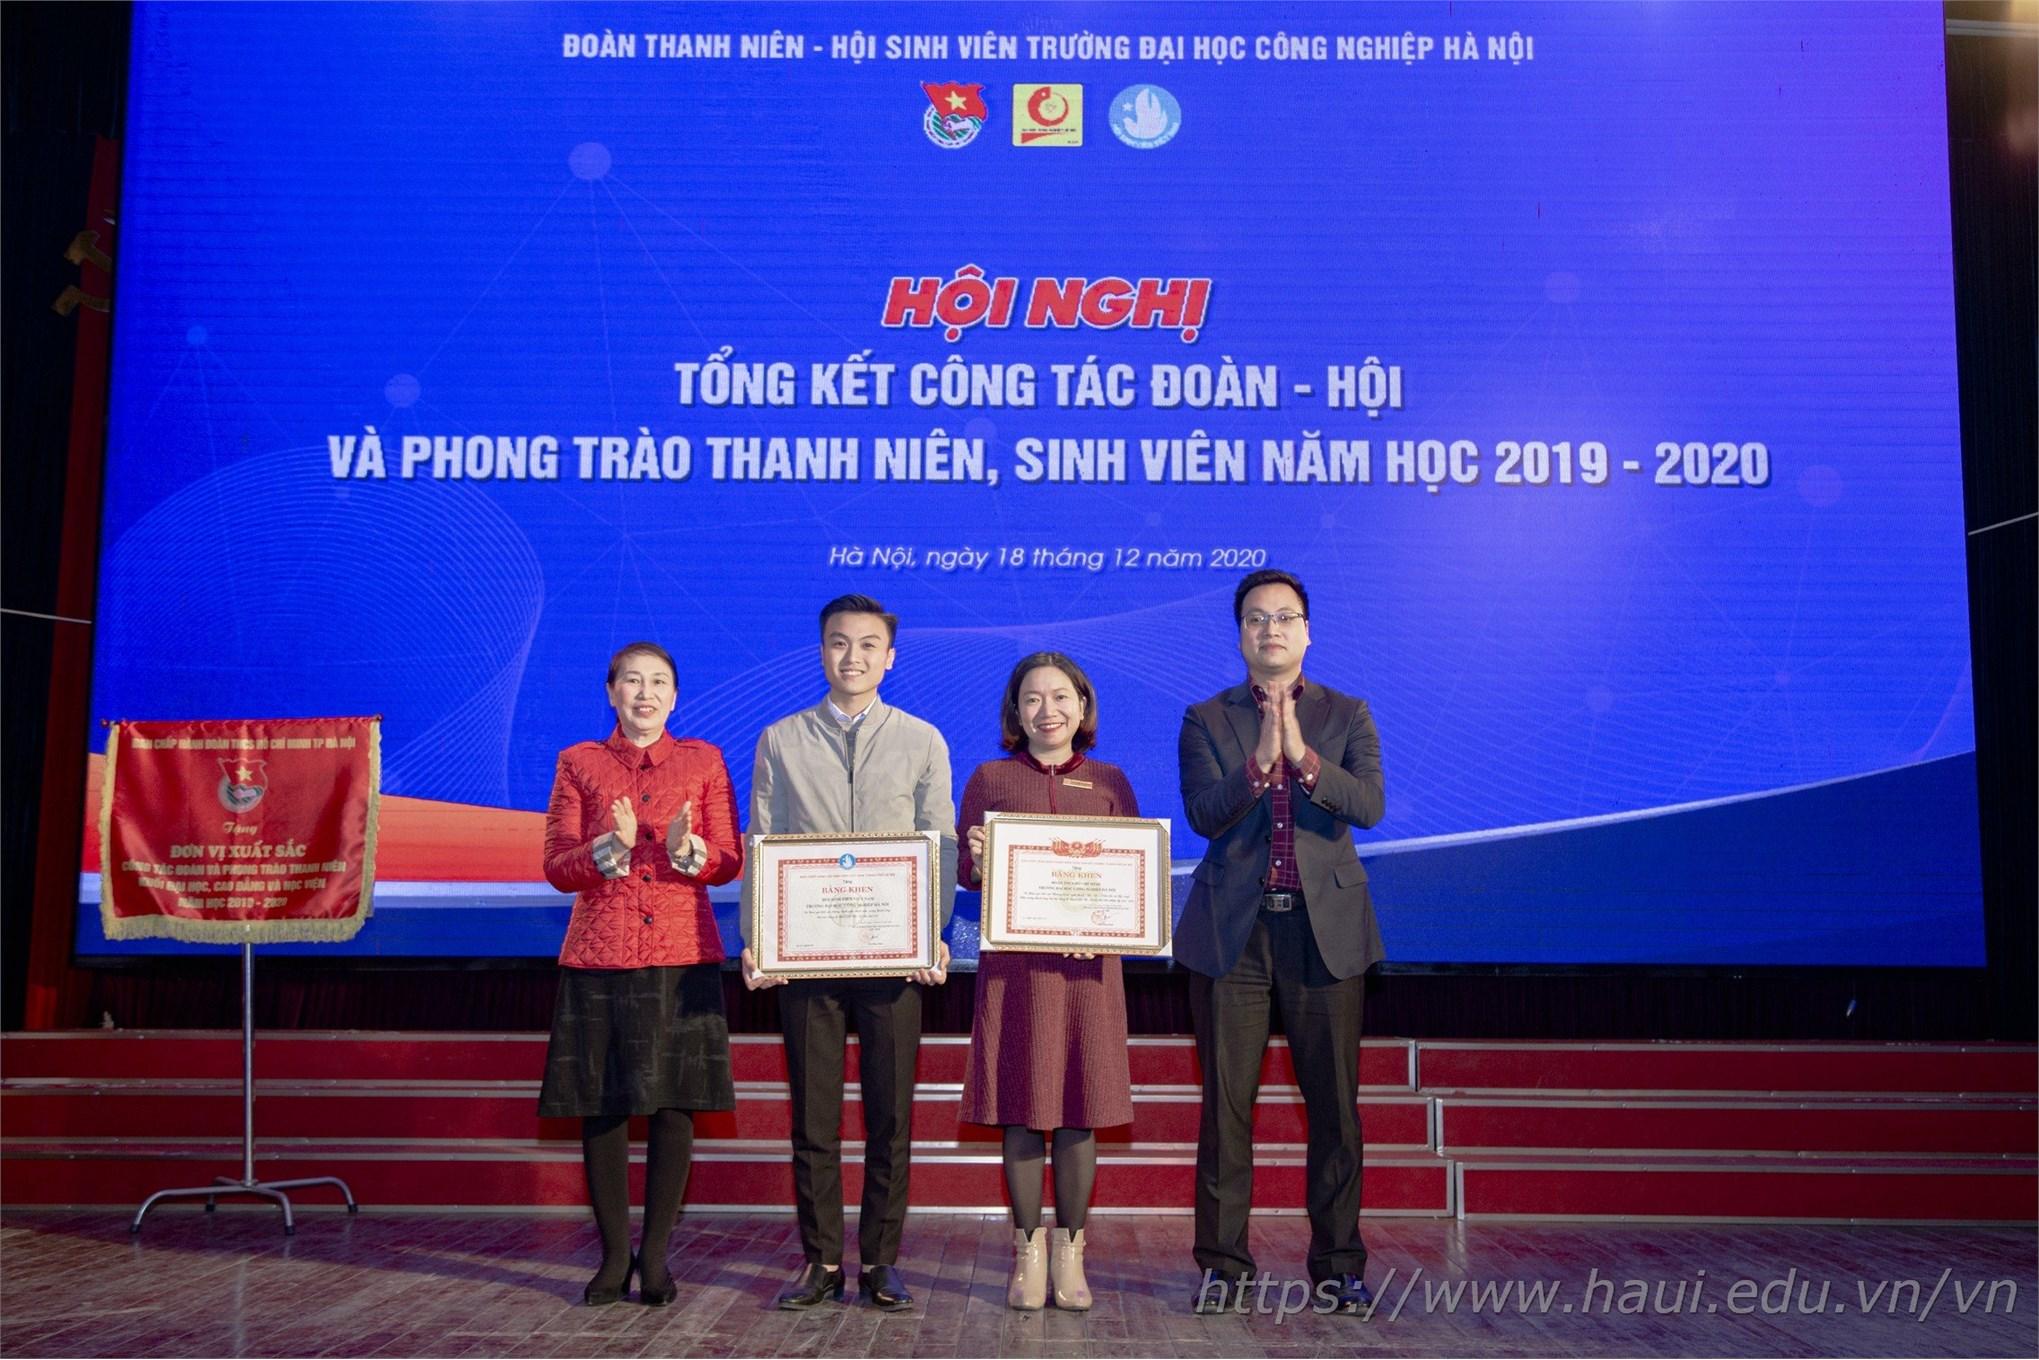 tổng kết công tác Đoàn Hội và phong trào thanh niên sinh viên năm học 2019 - 2020